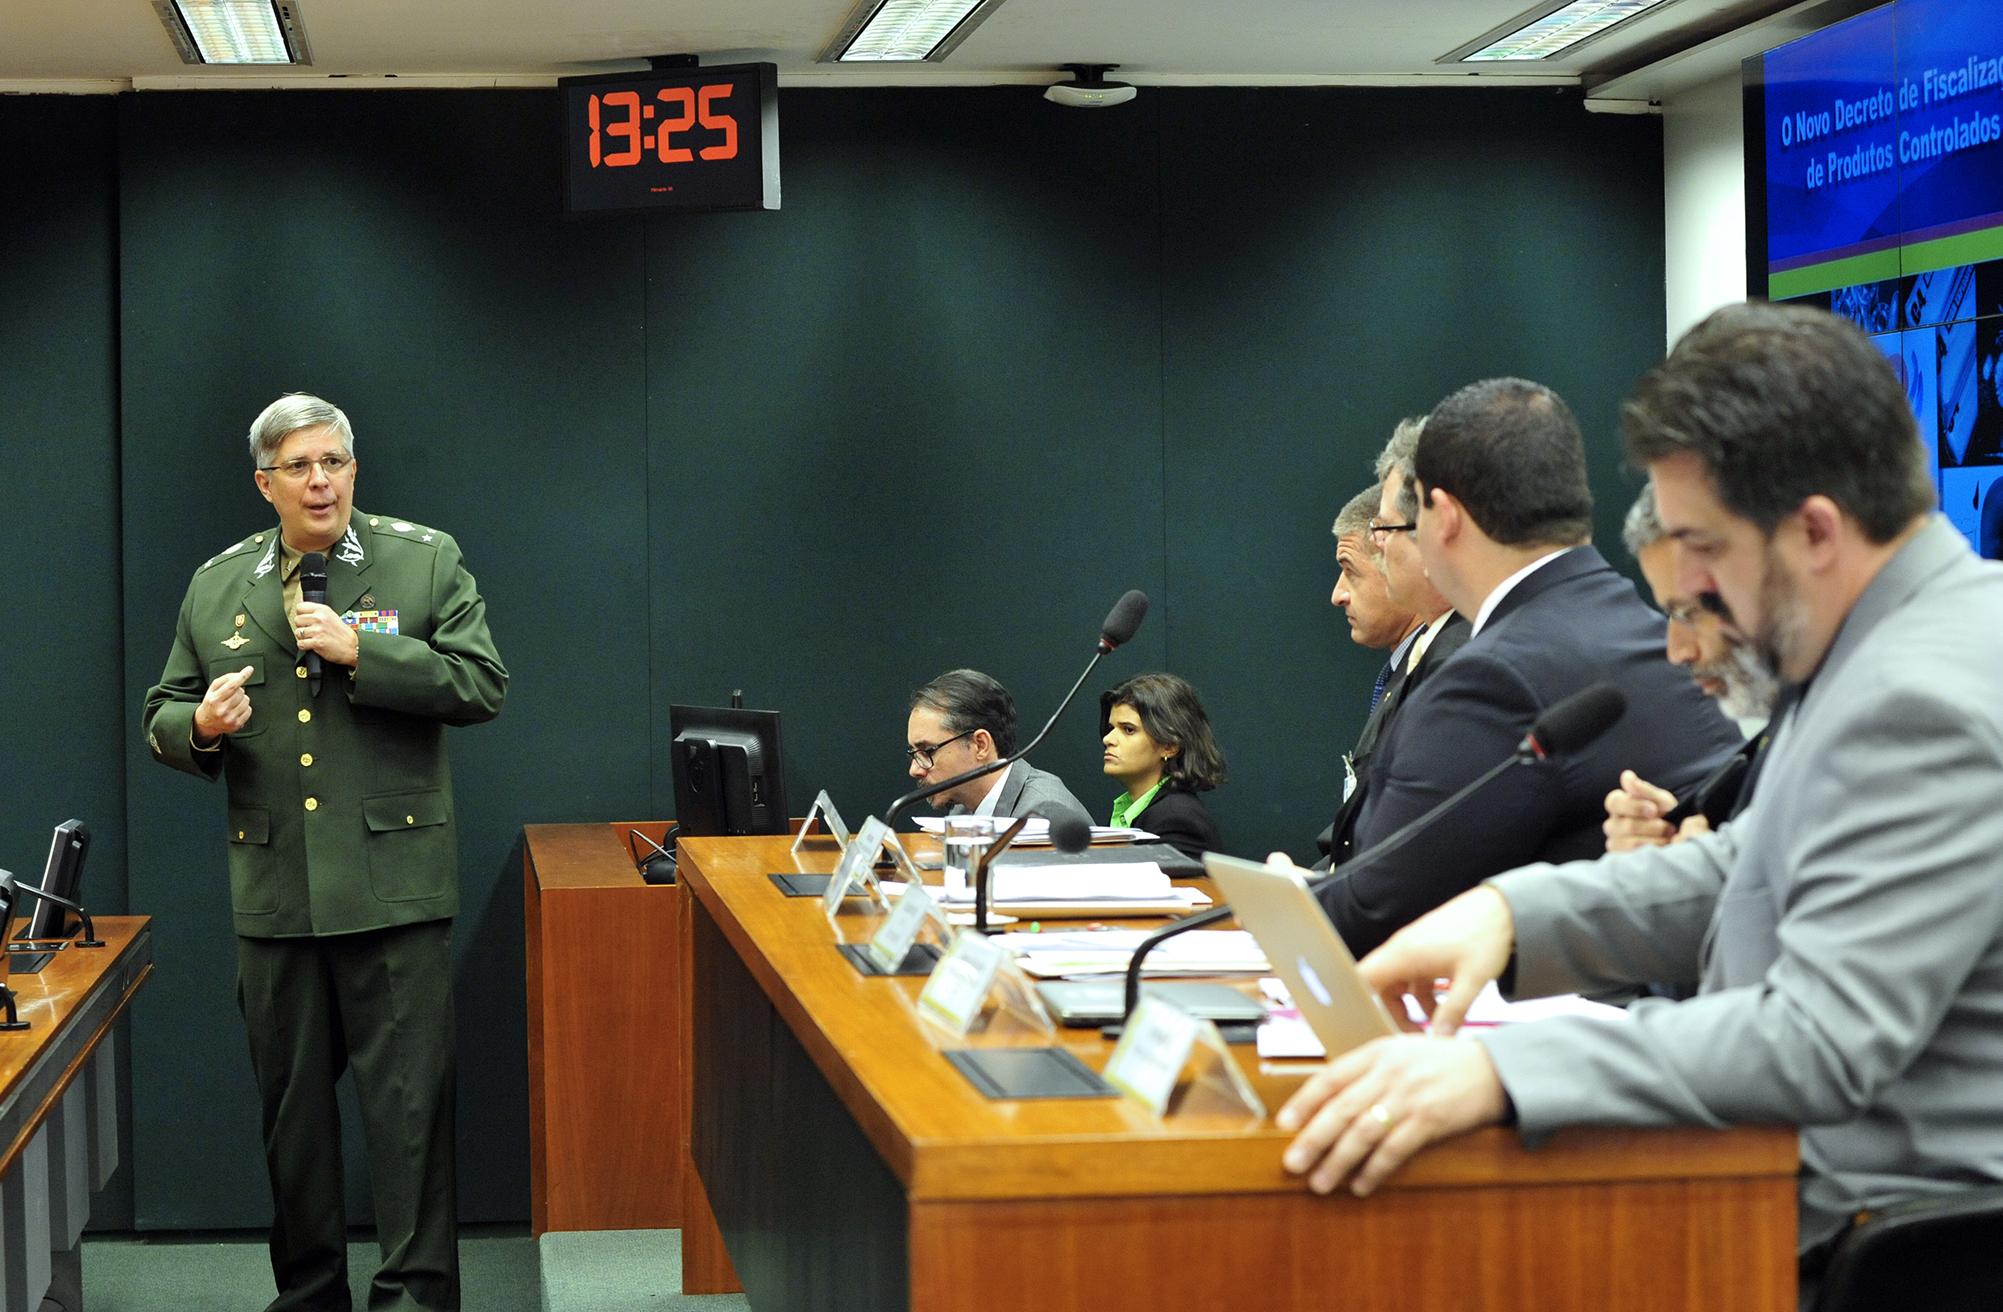 Audiência pública sobre o novo R-105, ou regulamento de fiscalização de PRODUTOS controlados do Exército, destinado a revogar o Decreto nº 3.665, de 20 de novembro de 2000. General de Brigada, Ivan Ferreira Neiva Filho